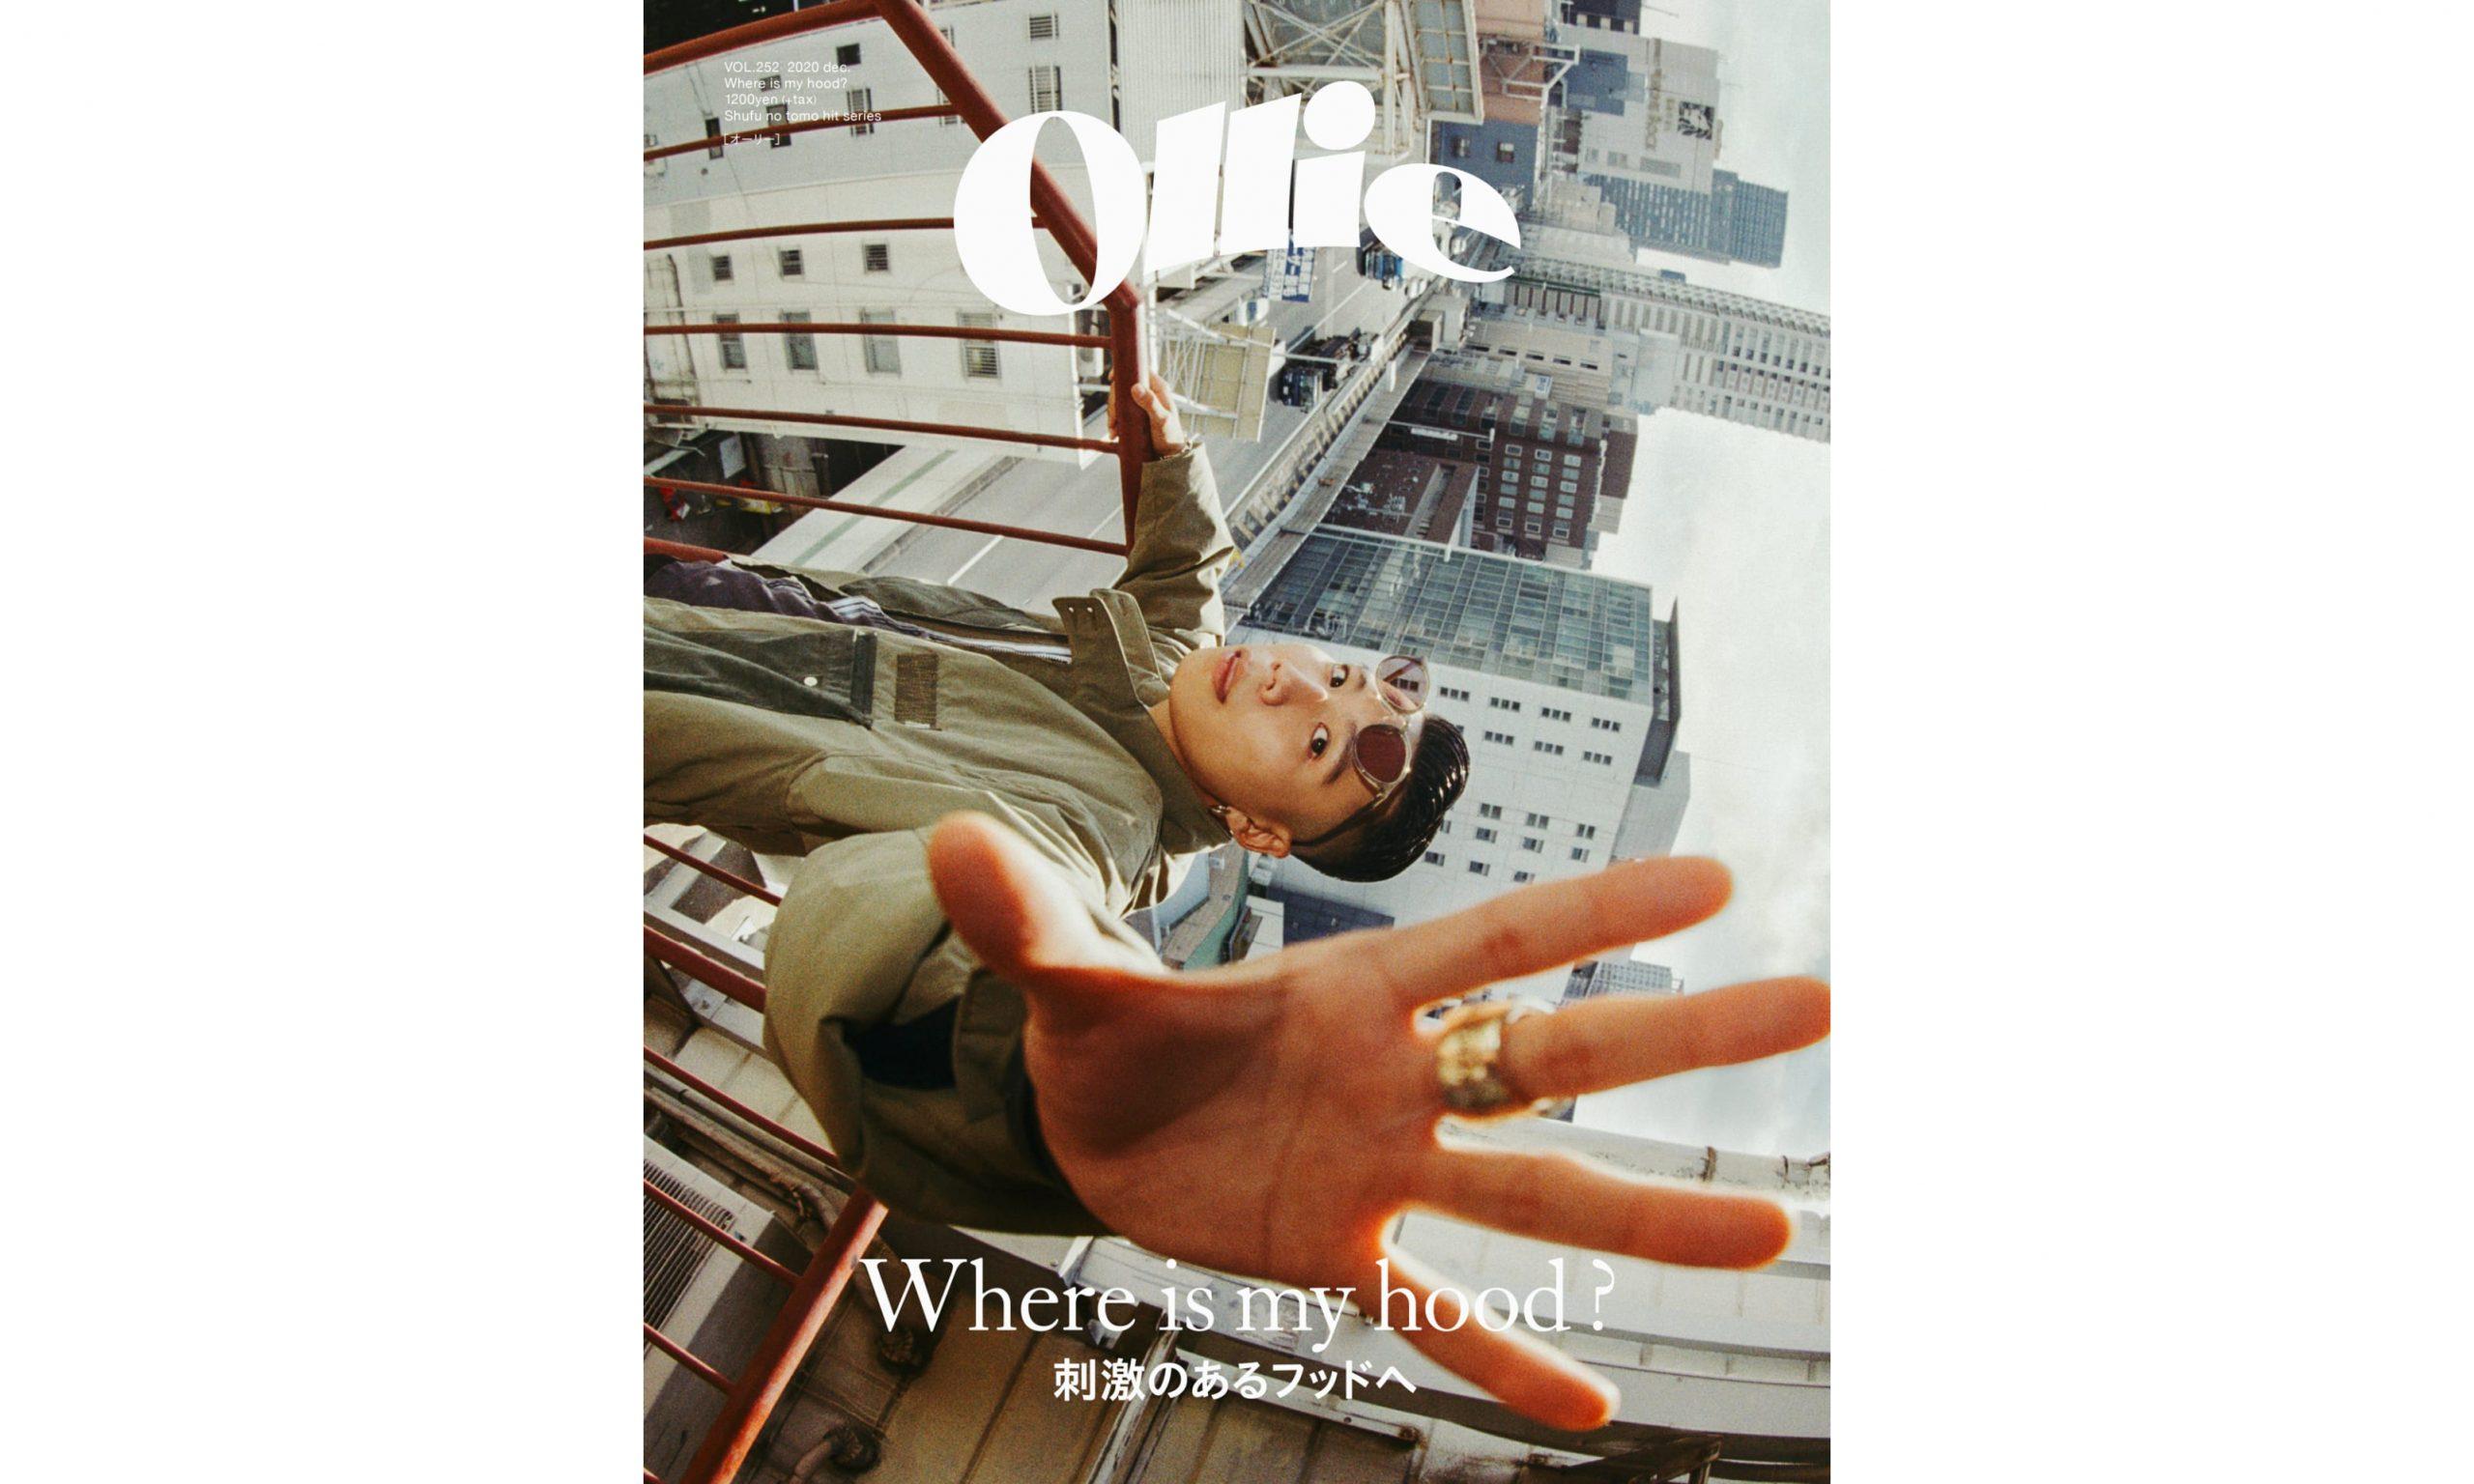 街头文化杂志《Ollie》卷土重来,最新刊于今日发行